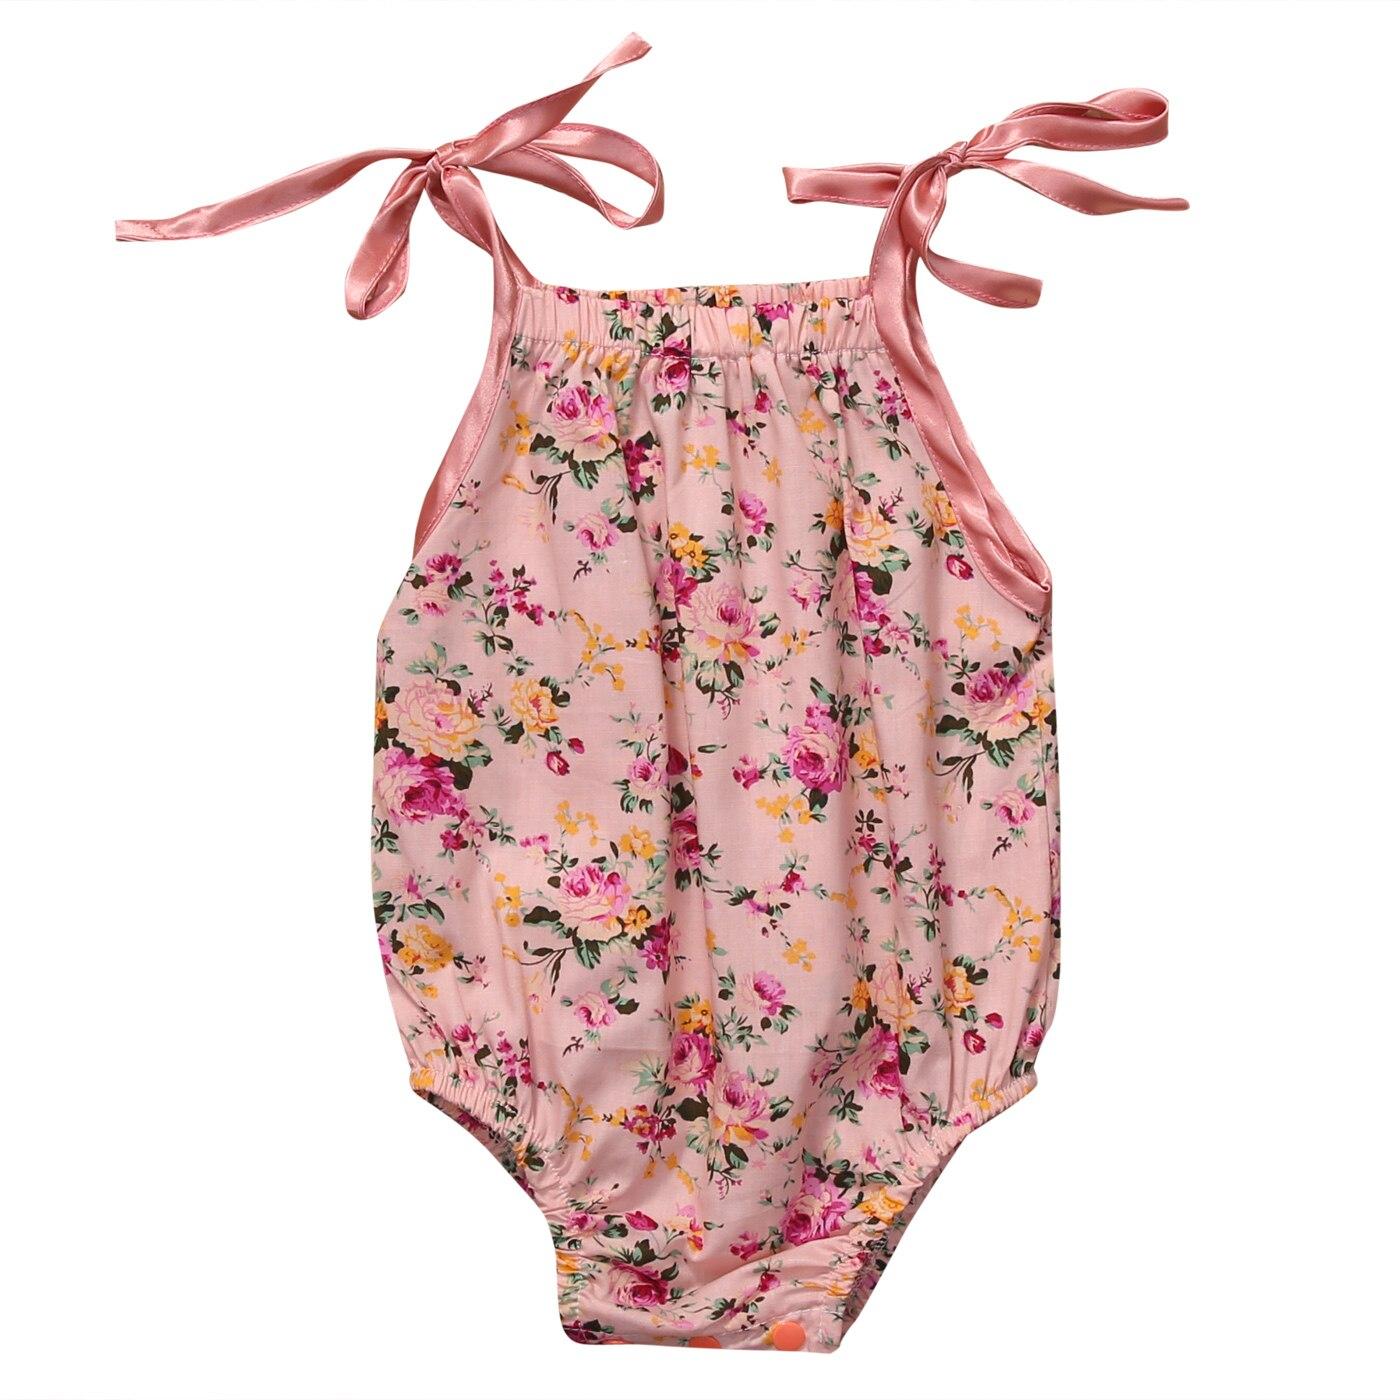 Baby Grils Beautiful Floral Lace Romper Cotton Halter Jumpsuit Clothes Outfit Sunsuit